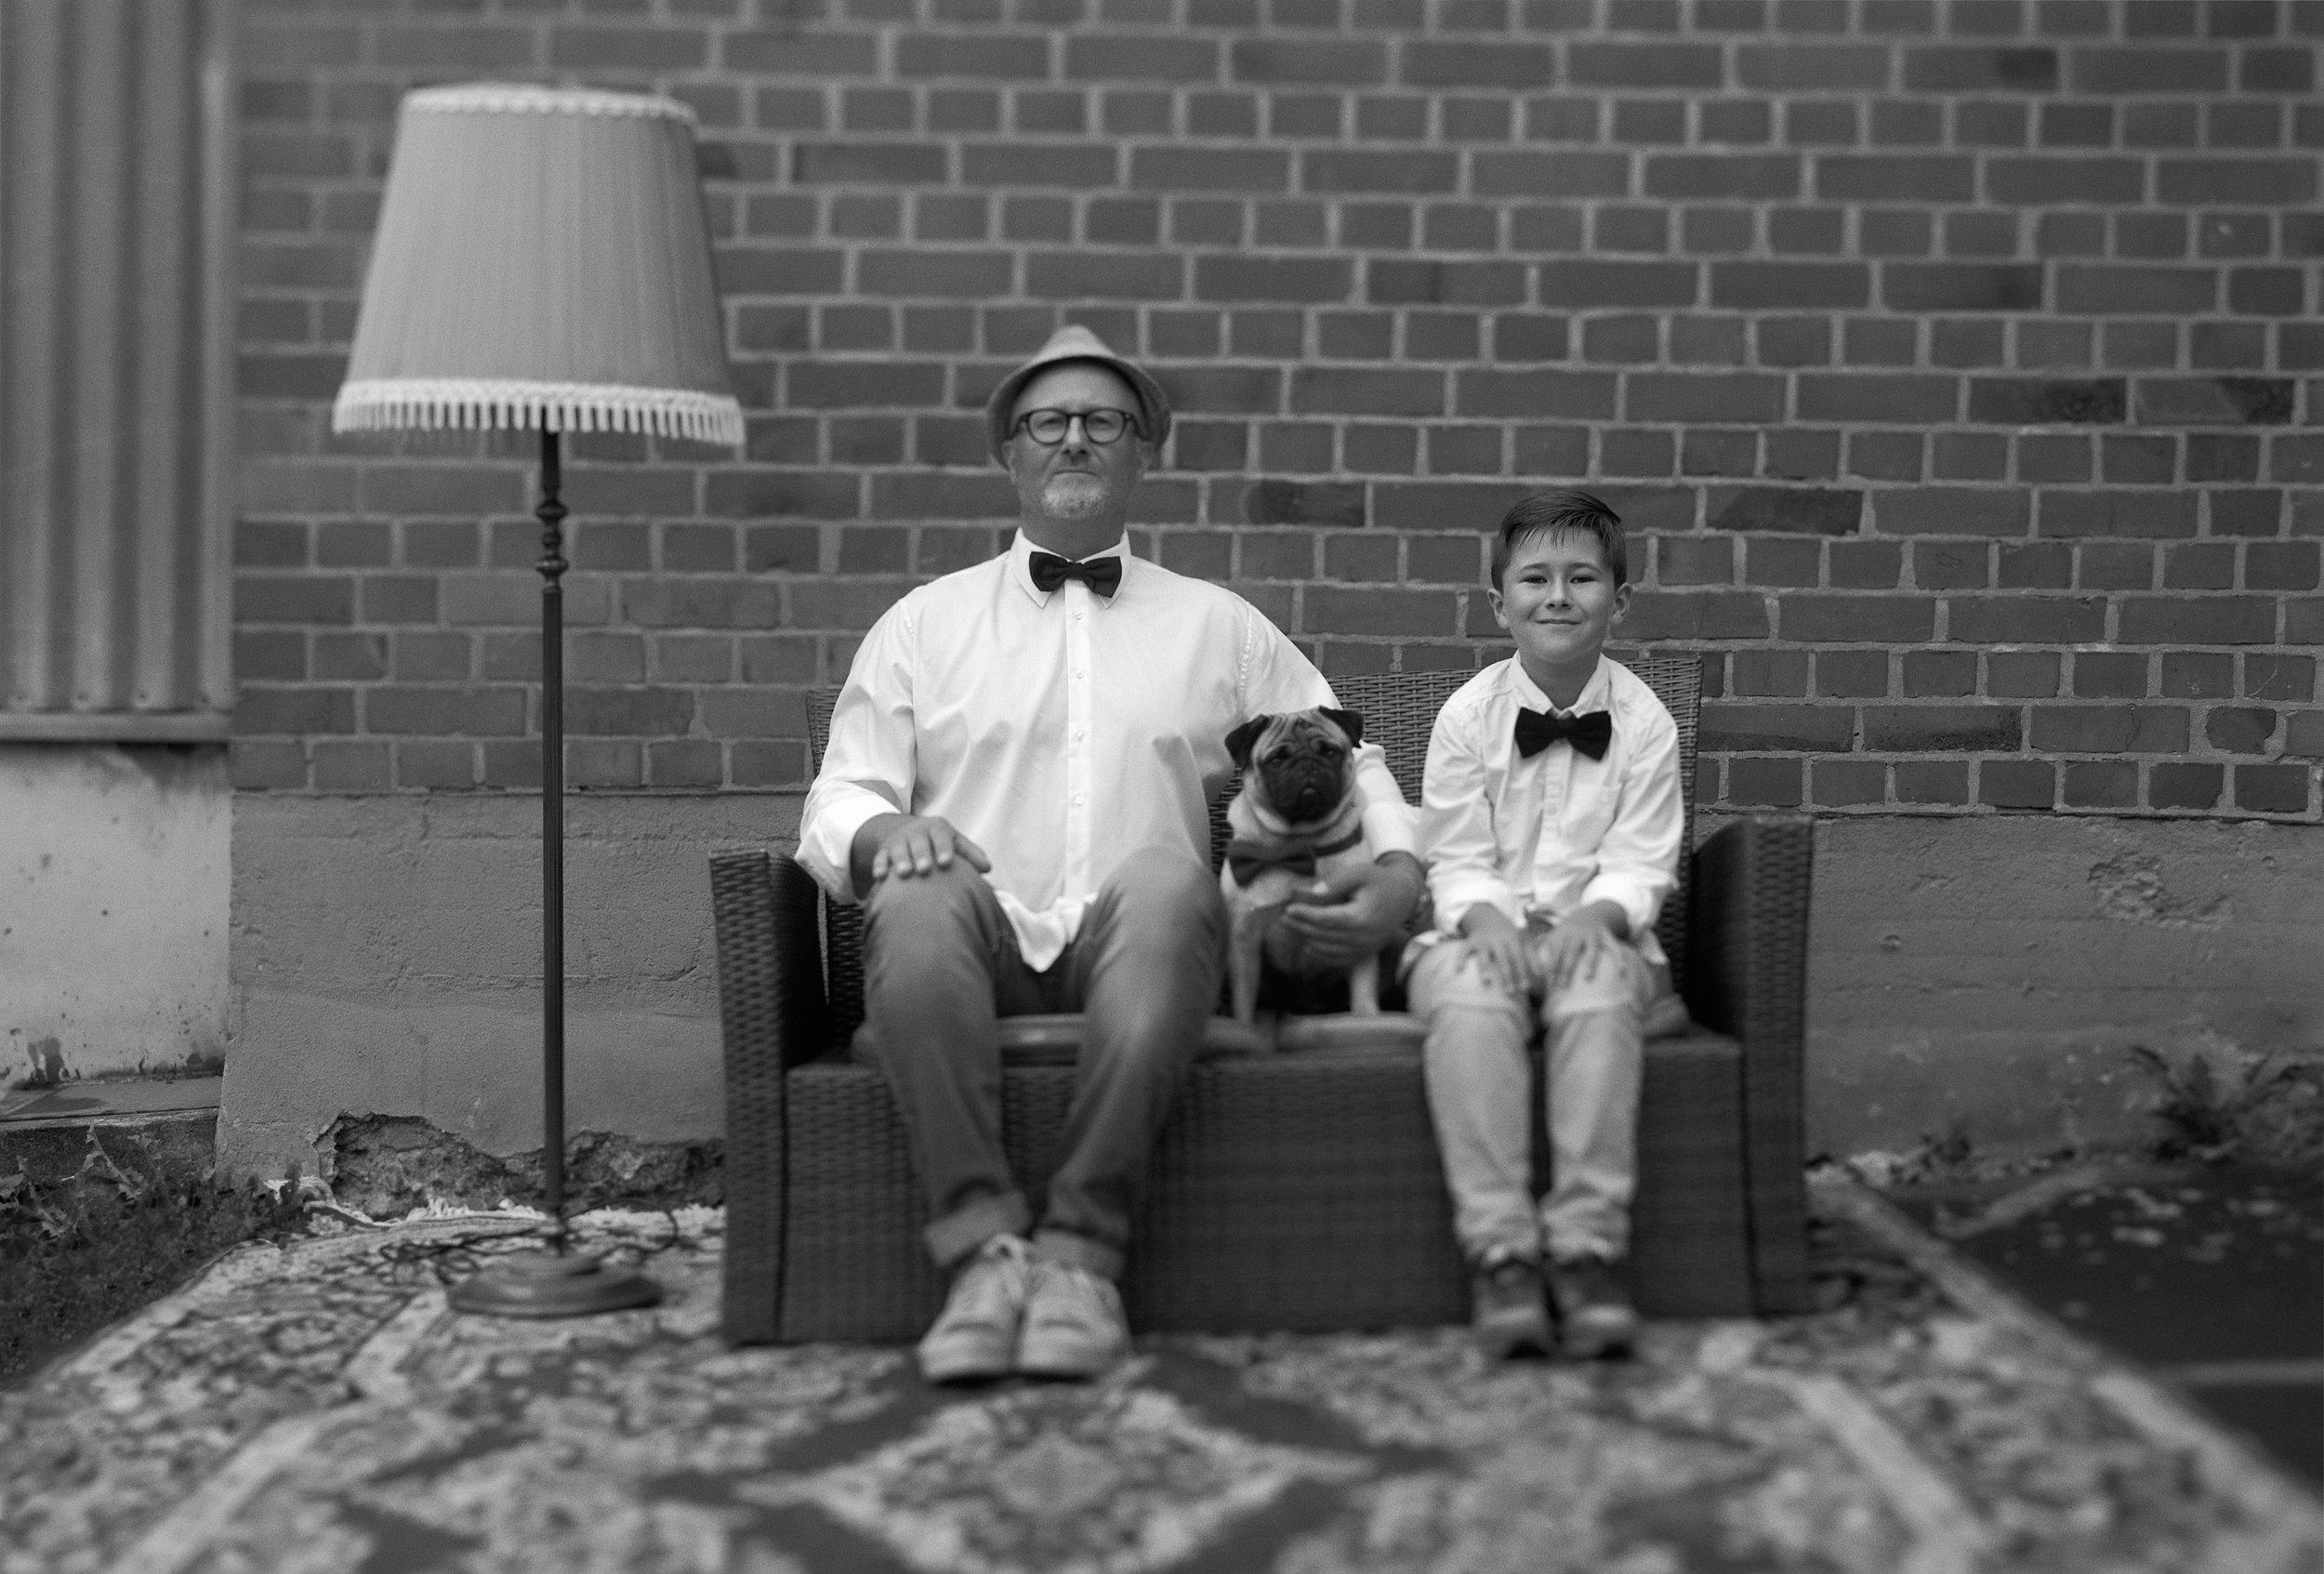 Georg Schmidt Fotograf aus Aschaffenburg Portrait Kinder Familien Film blackandwhite Großformat 4x5 Kodak trix 320 Film Kunstvolle Fotografie-mittelformat1.jpg